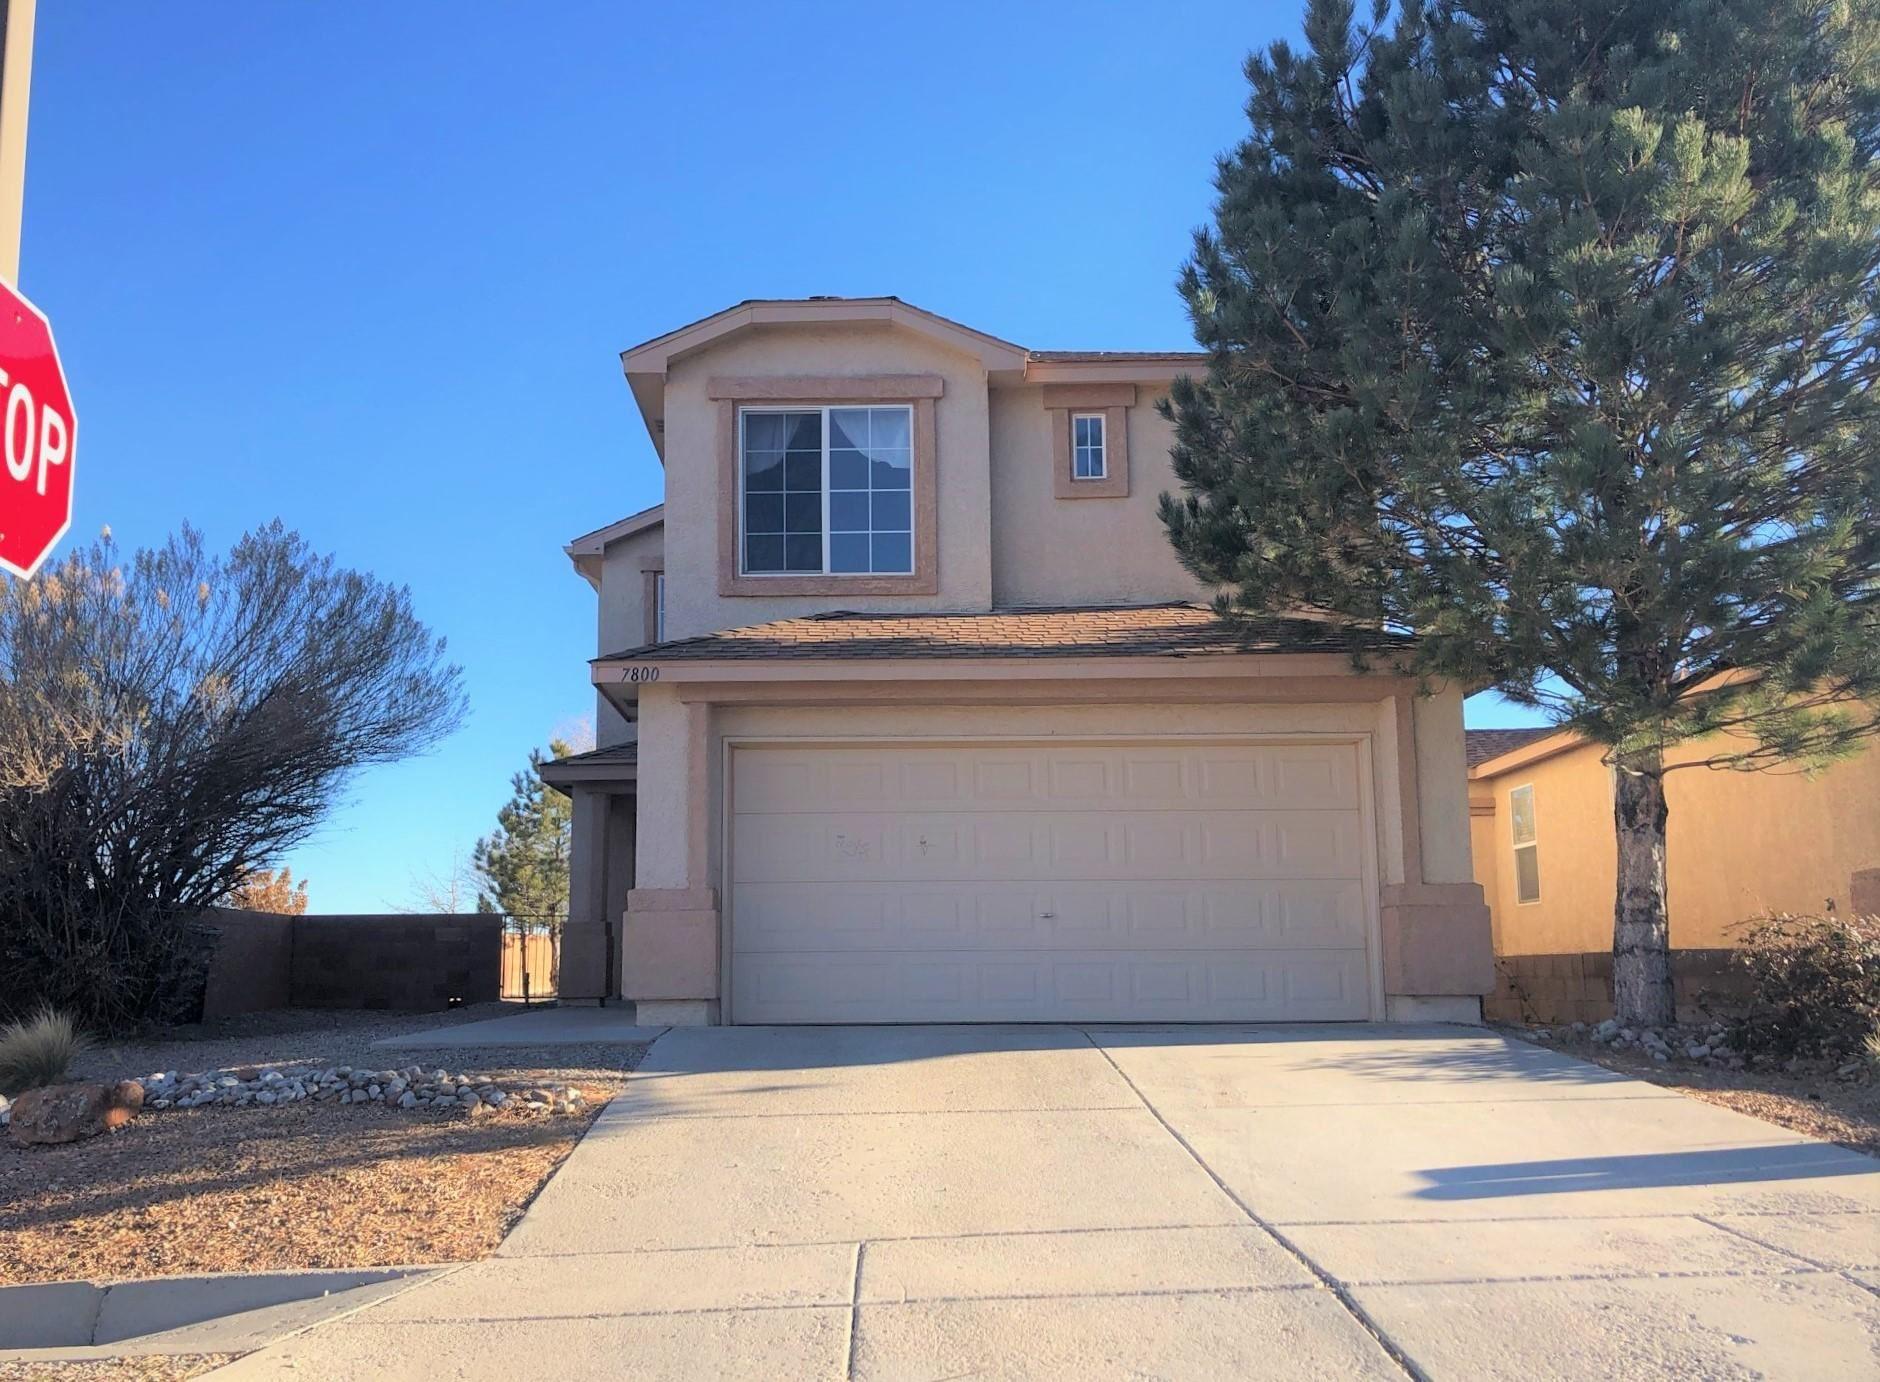 7800 LATIR MESA Road NW, Albuquerque, NM 87114 - MLS#: 986289